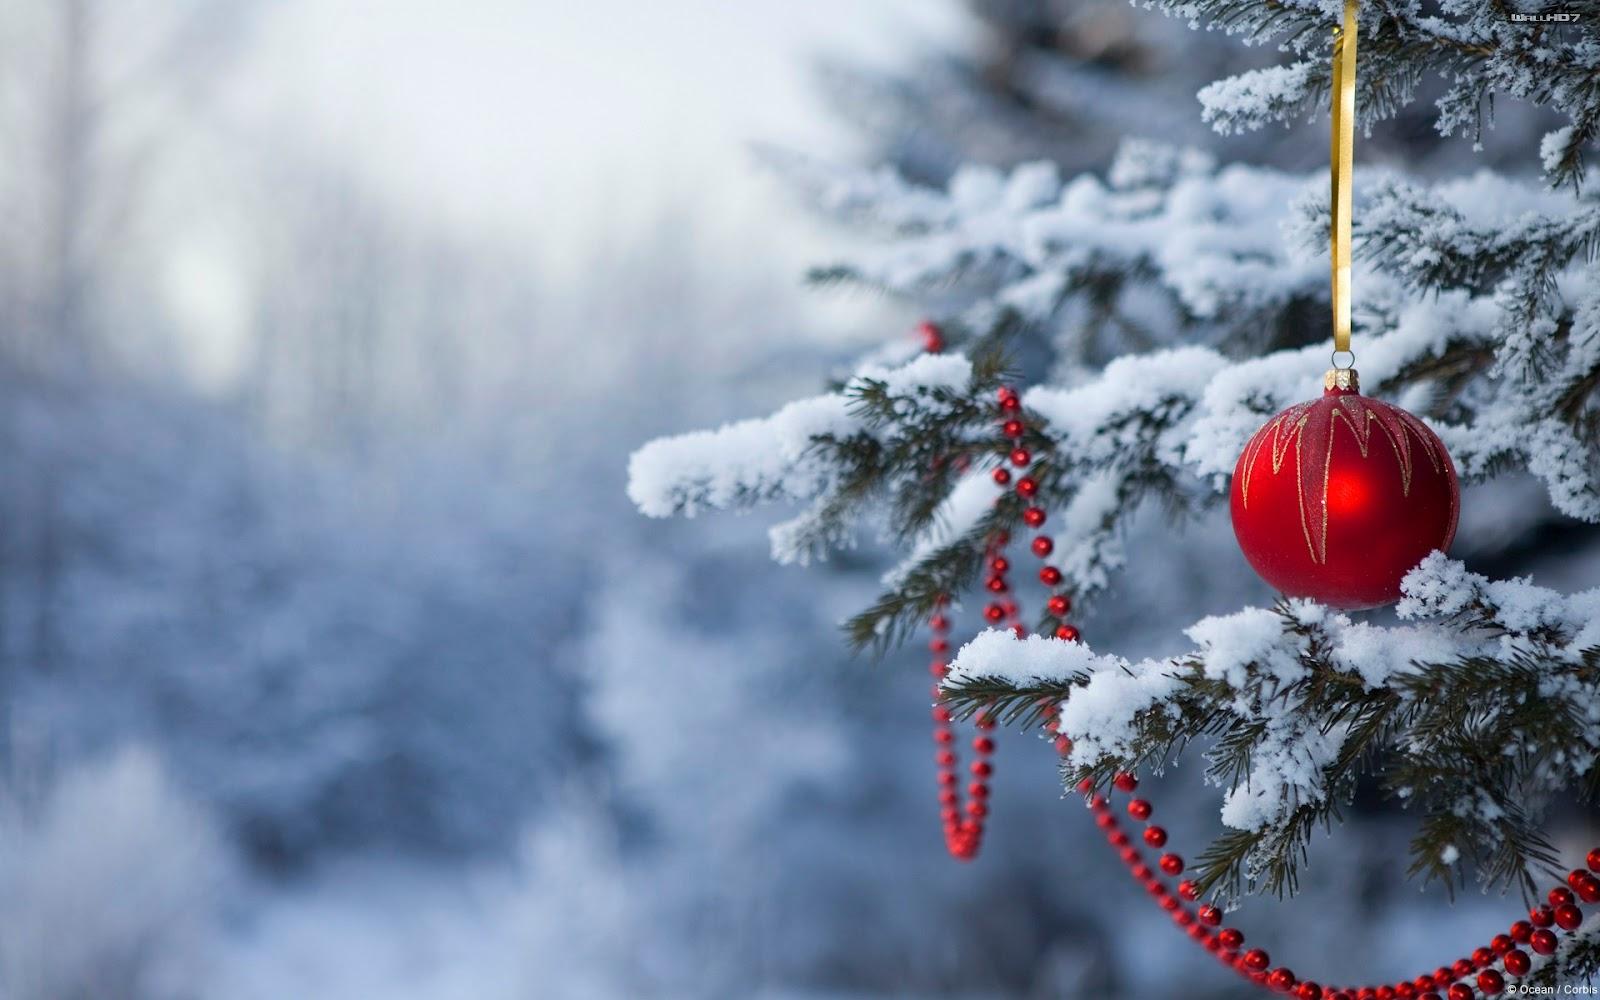 Fondos NAVIDAD : 25 imagenes fondos navideños  - De Navidad Imagenes